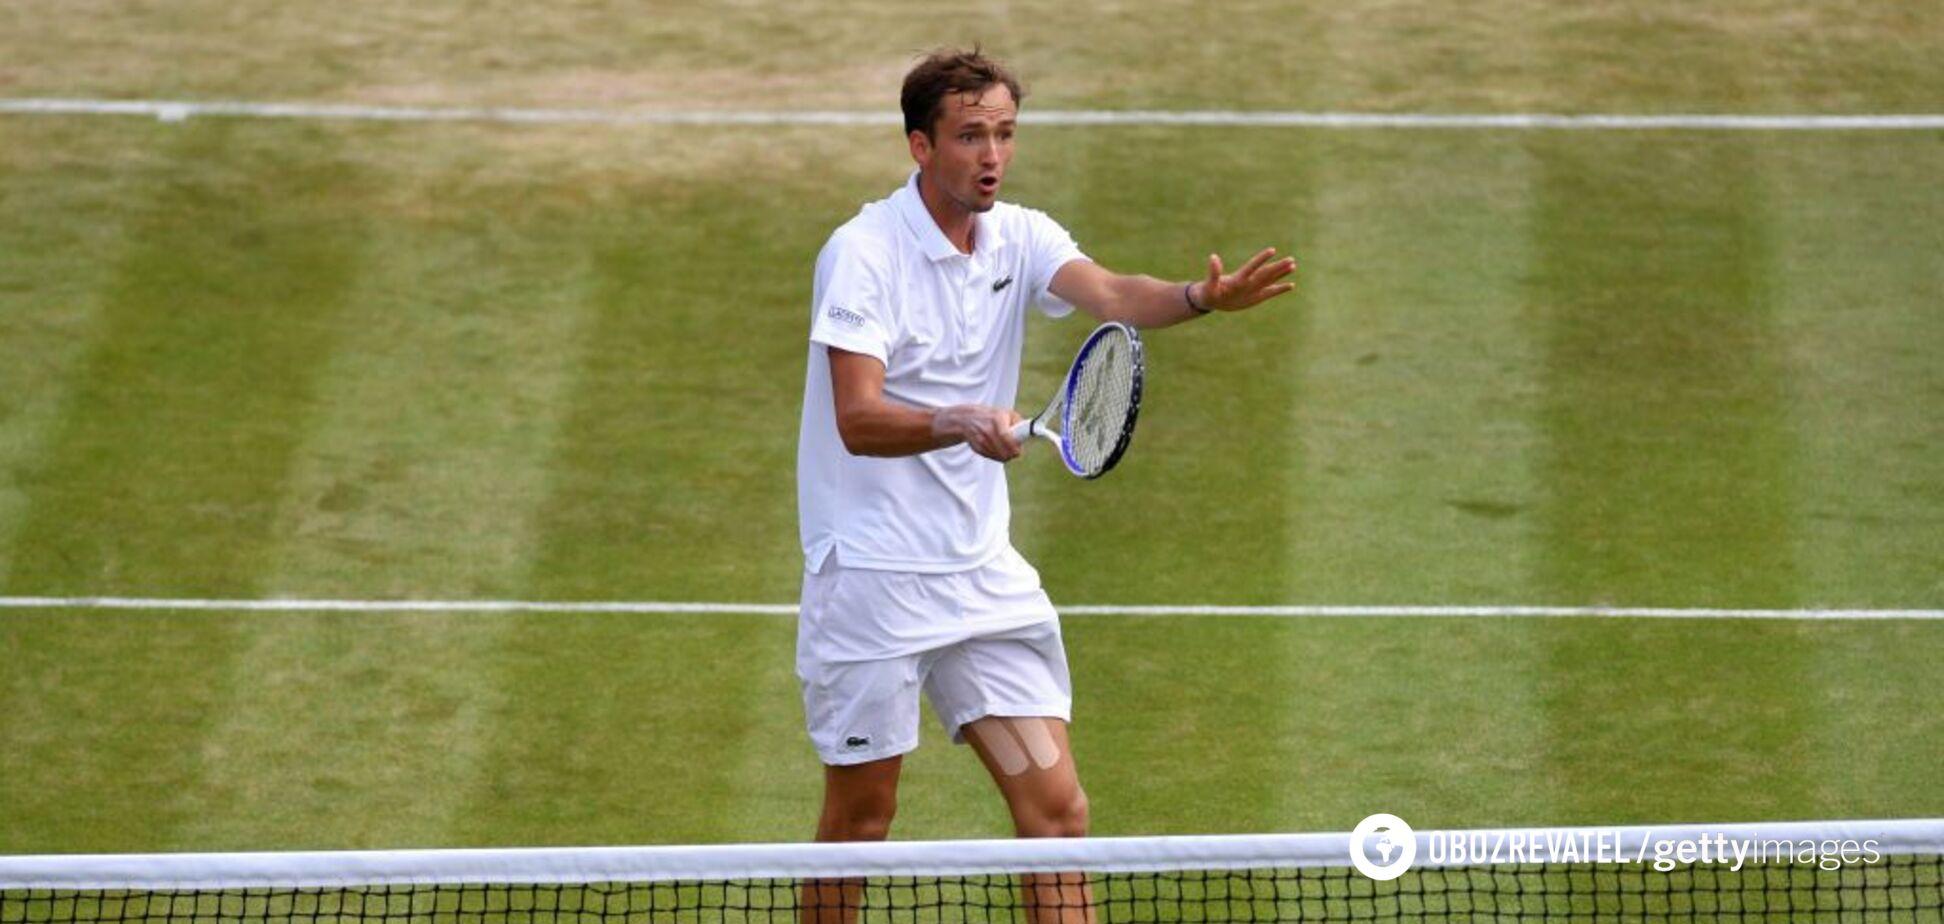 Россиянин в ярости едва не разгромил корт после поражения на Wimbledon: видео